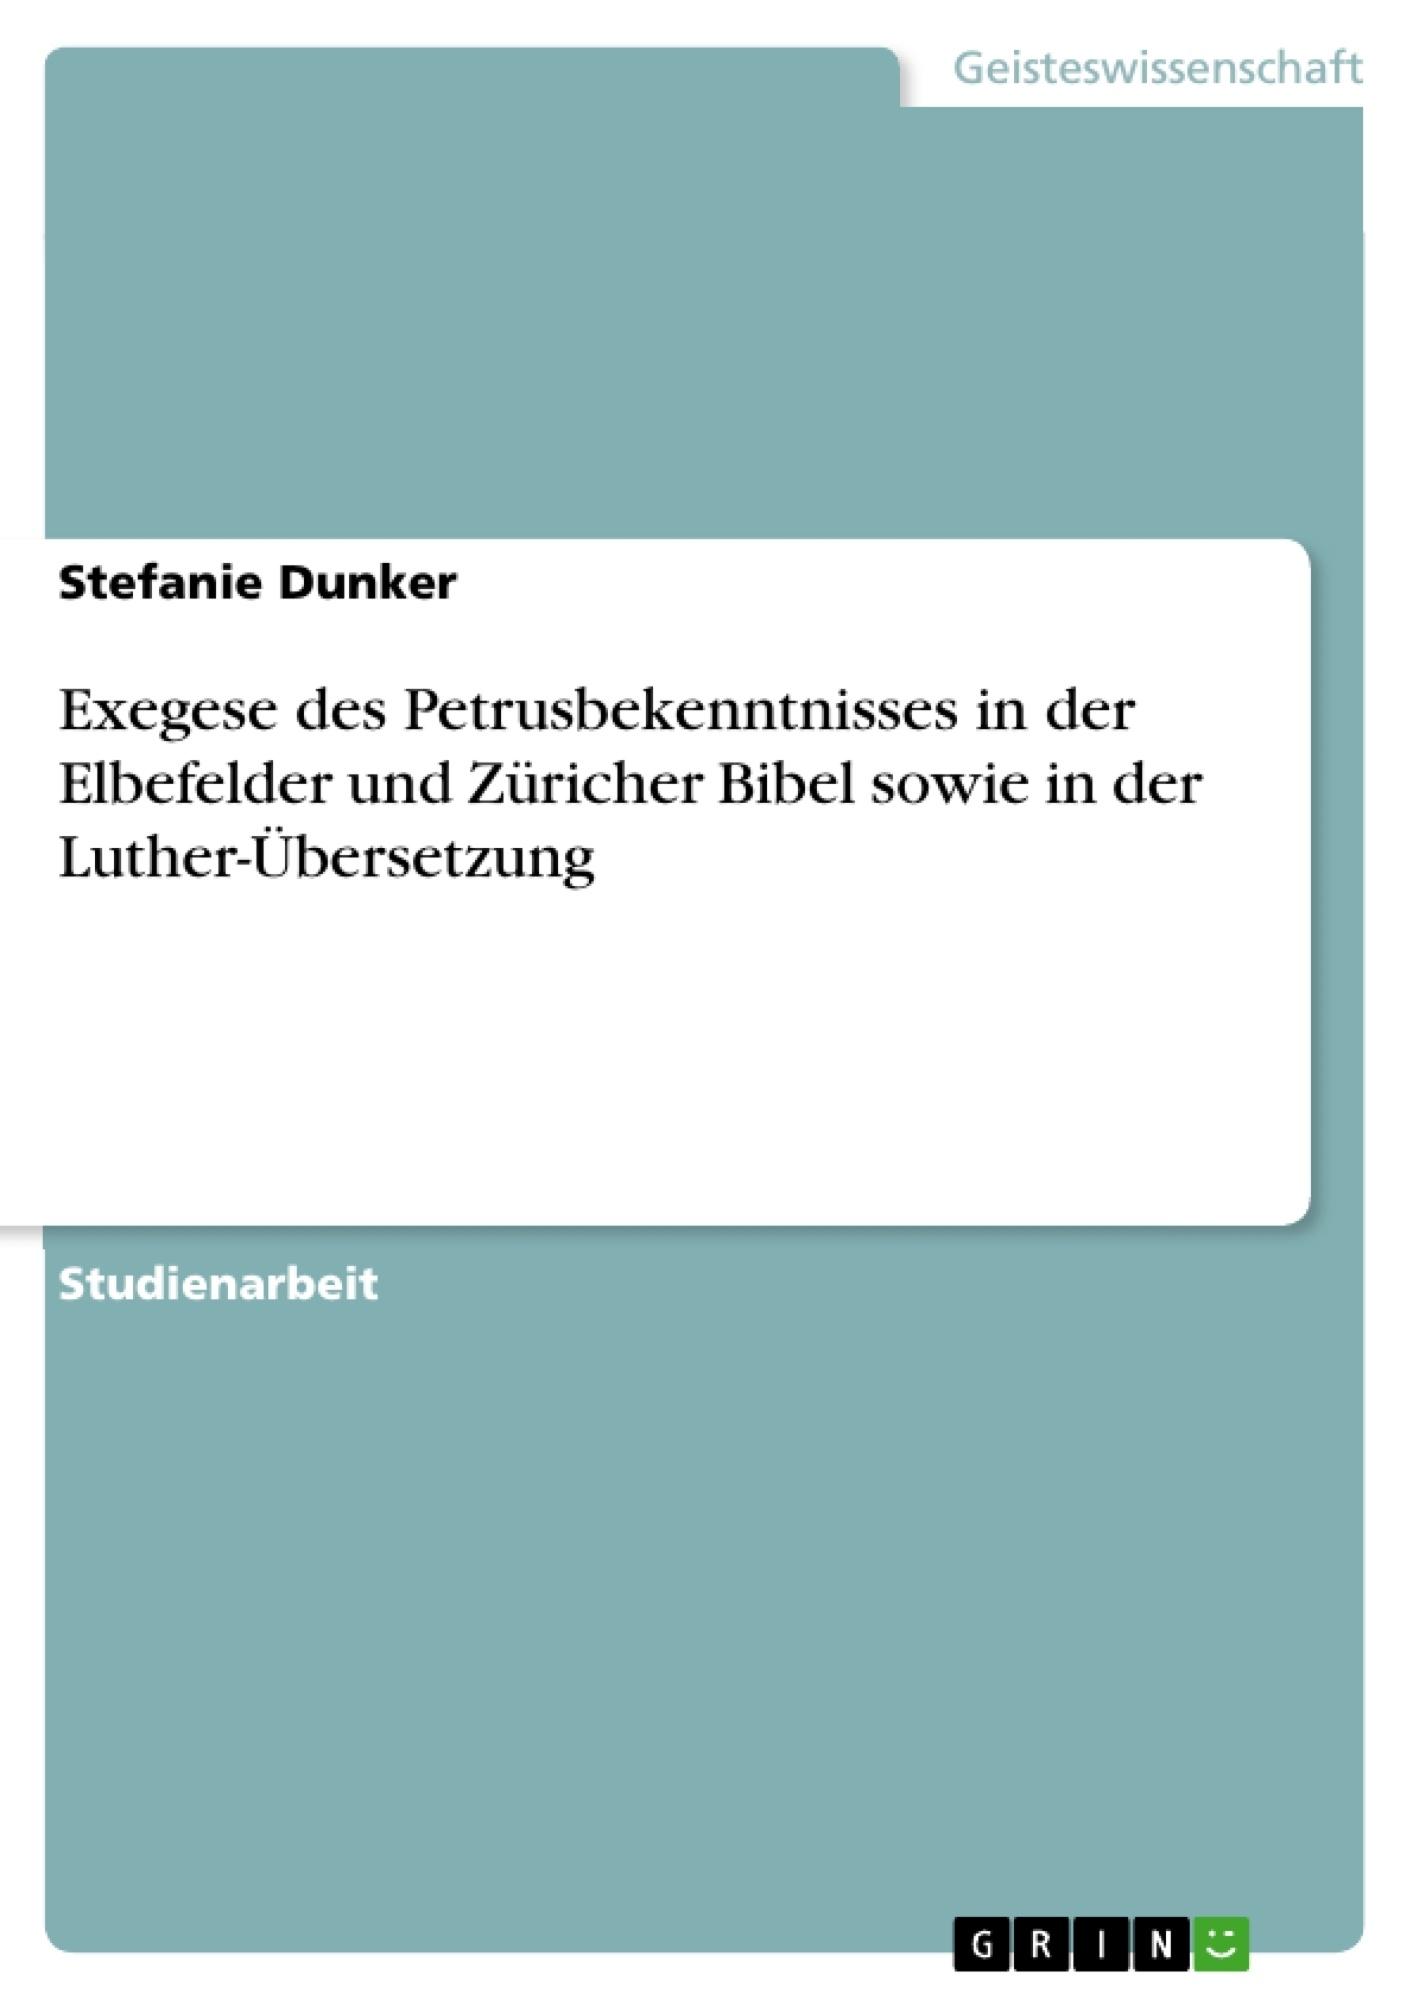 Titel: Exegese des Petrusbekenntnisses in der Elbefelder und Züricher Bibel sowie in der Luther-Übersetzung